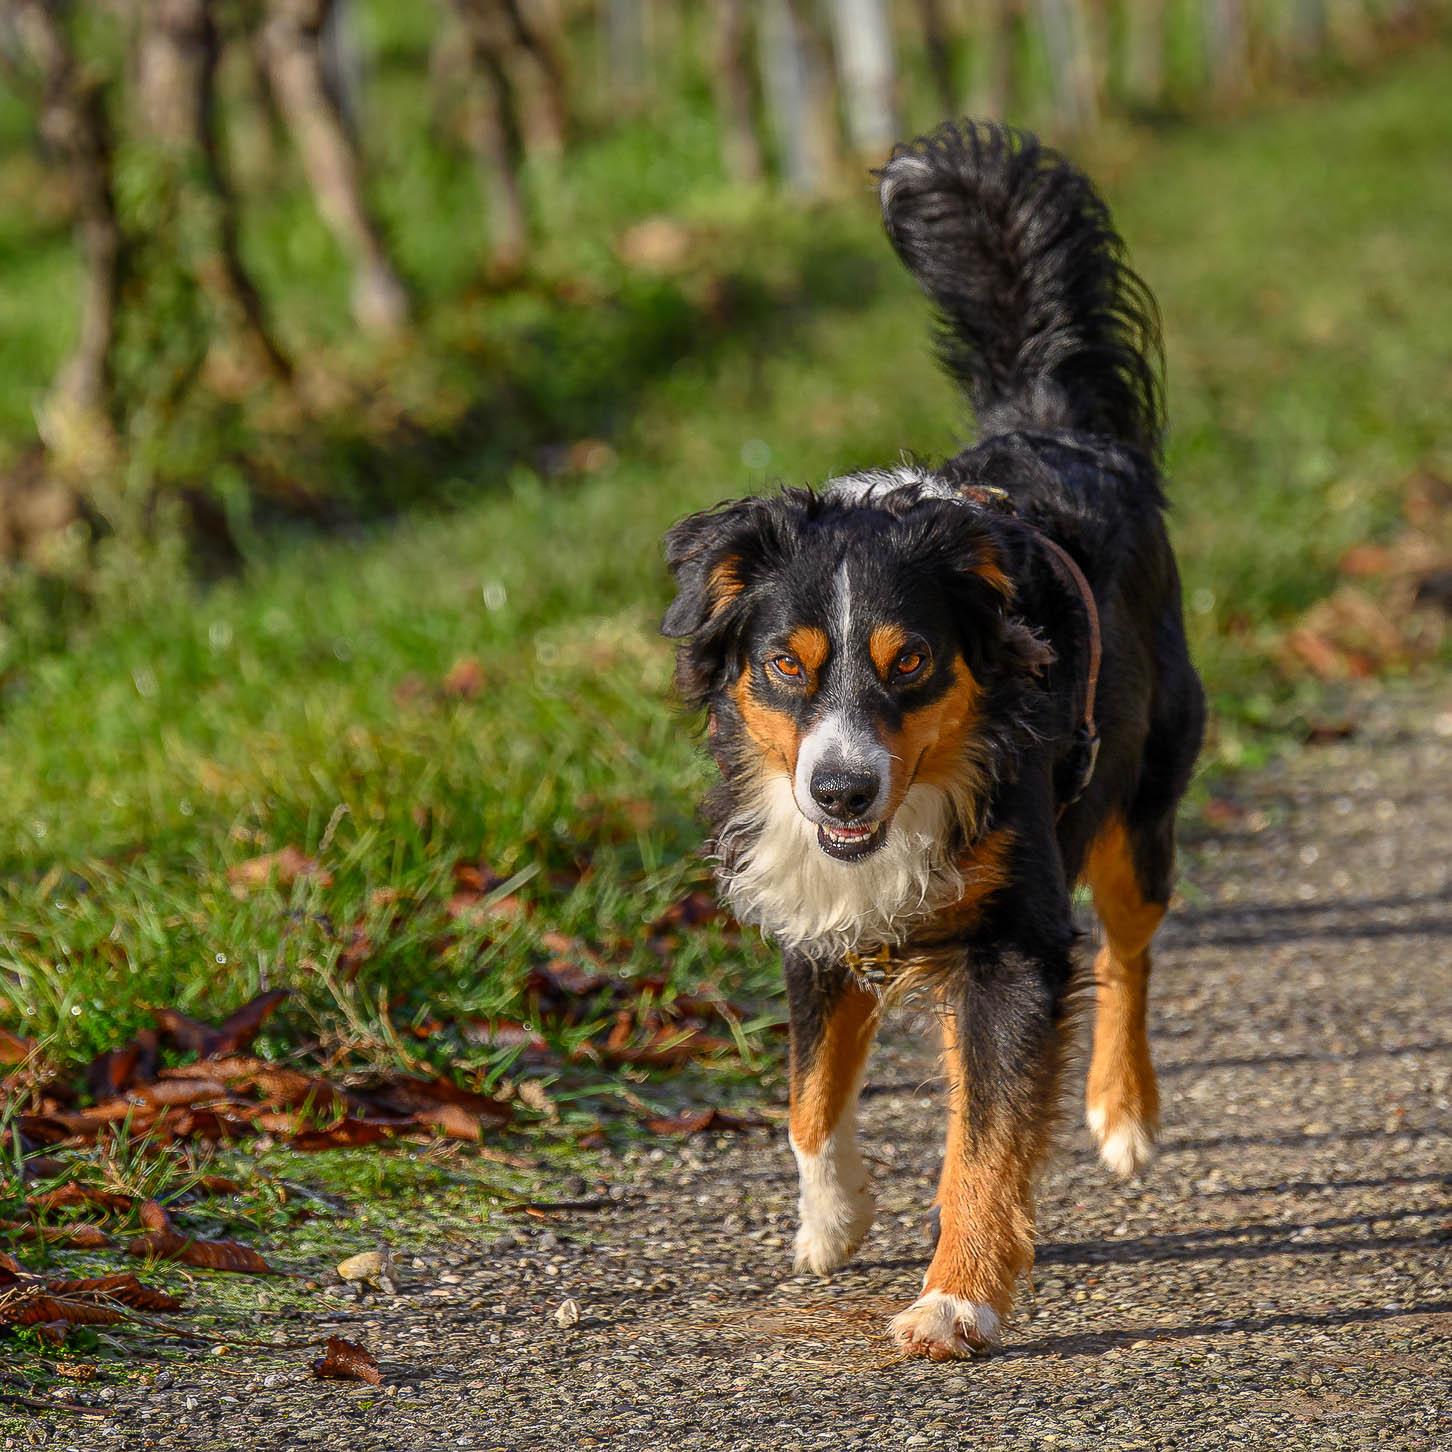 Hund geht mit erhobener Rute auf einem Feldweg